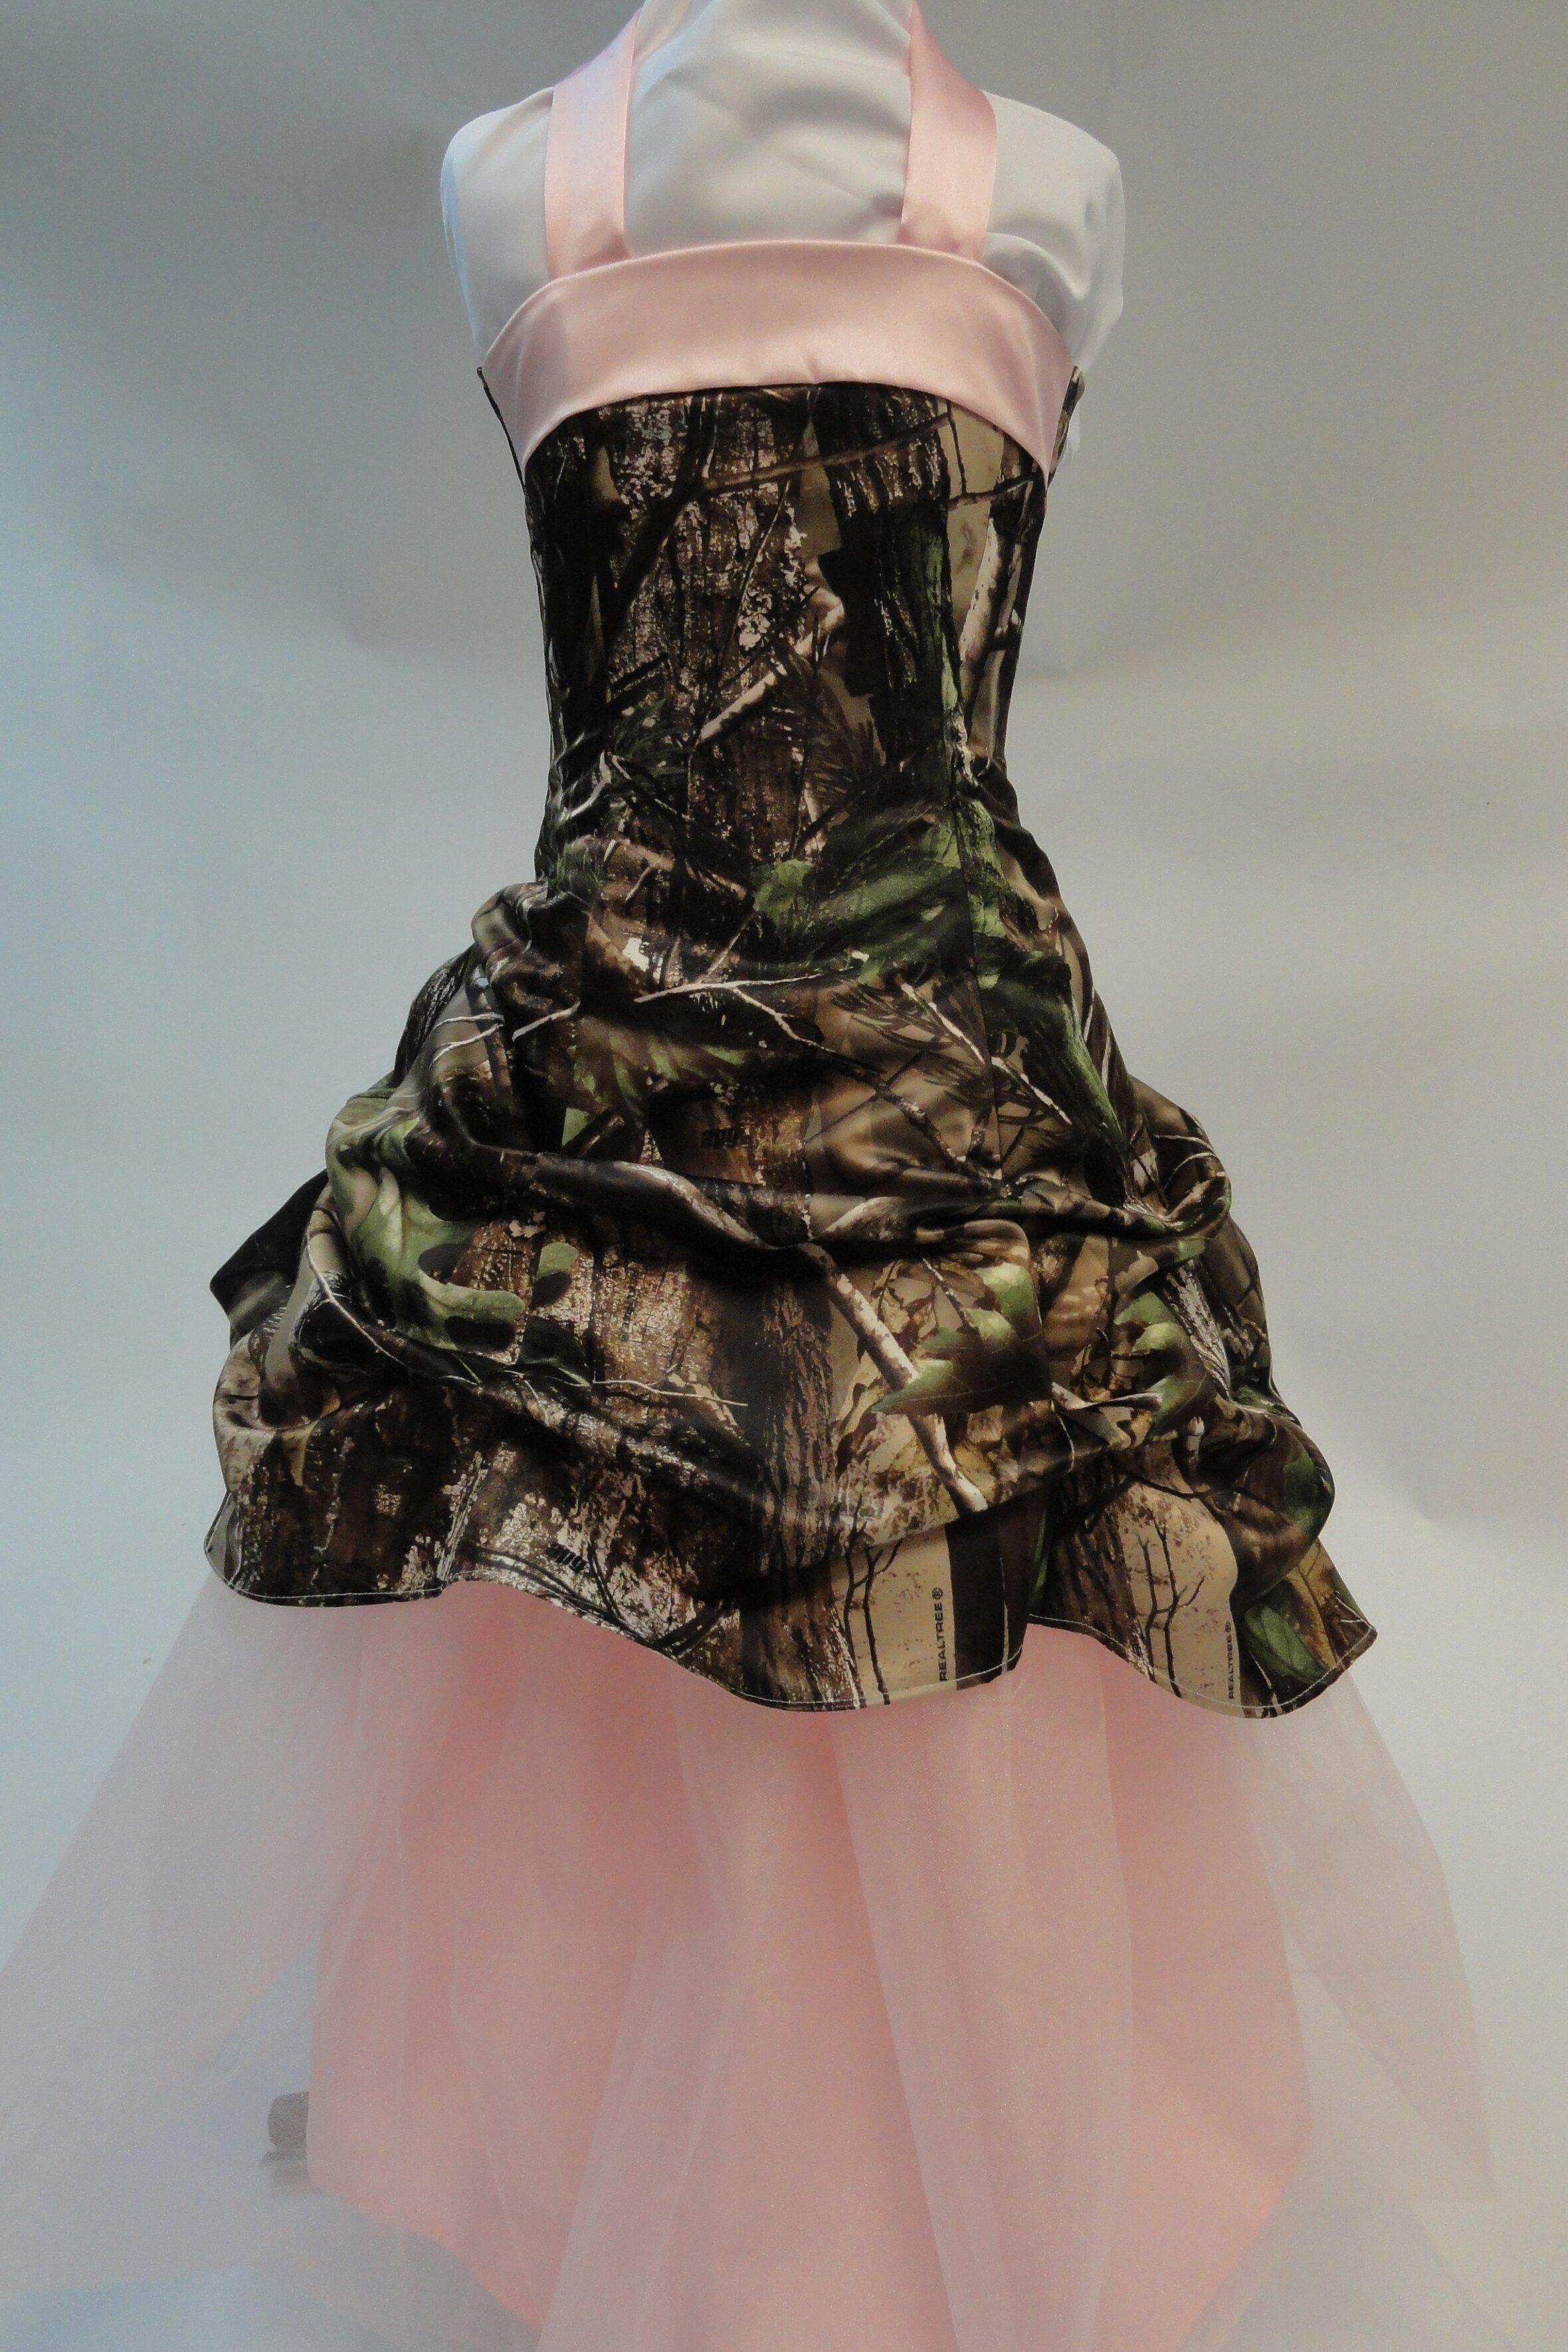 winter camo wedding dresses pink camo wedding dresses Winter camo wedding dresses photo 4